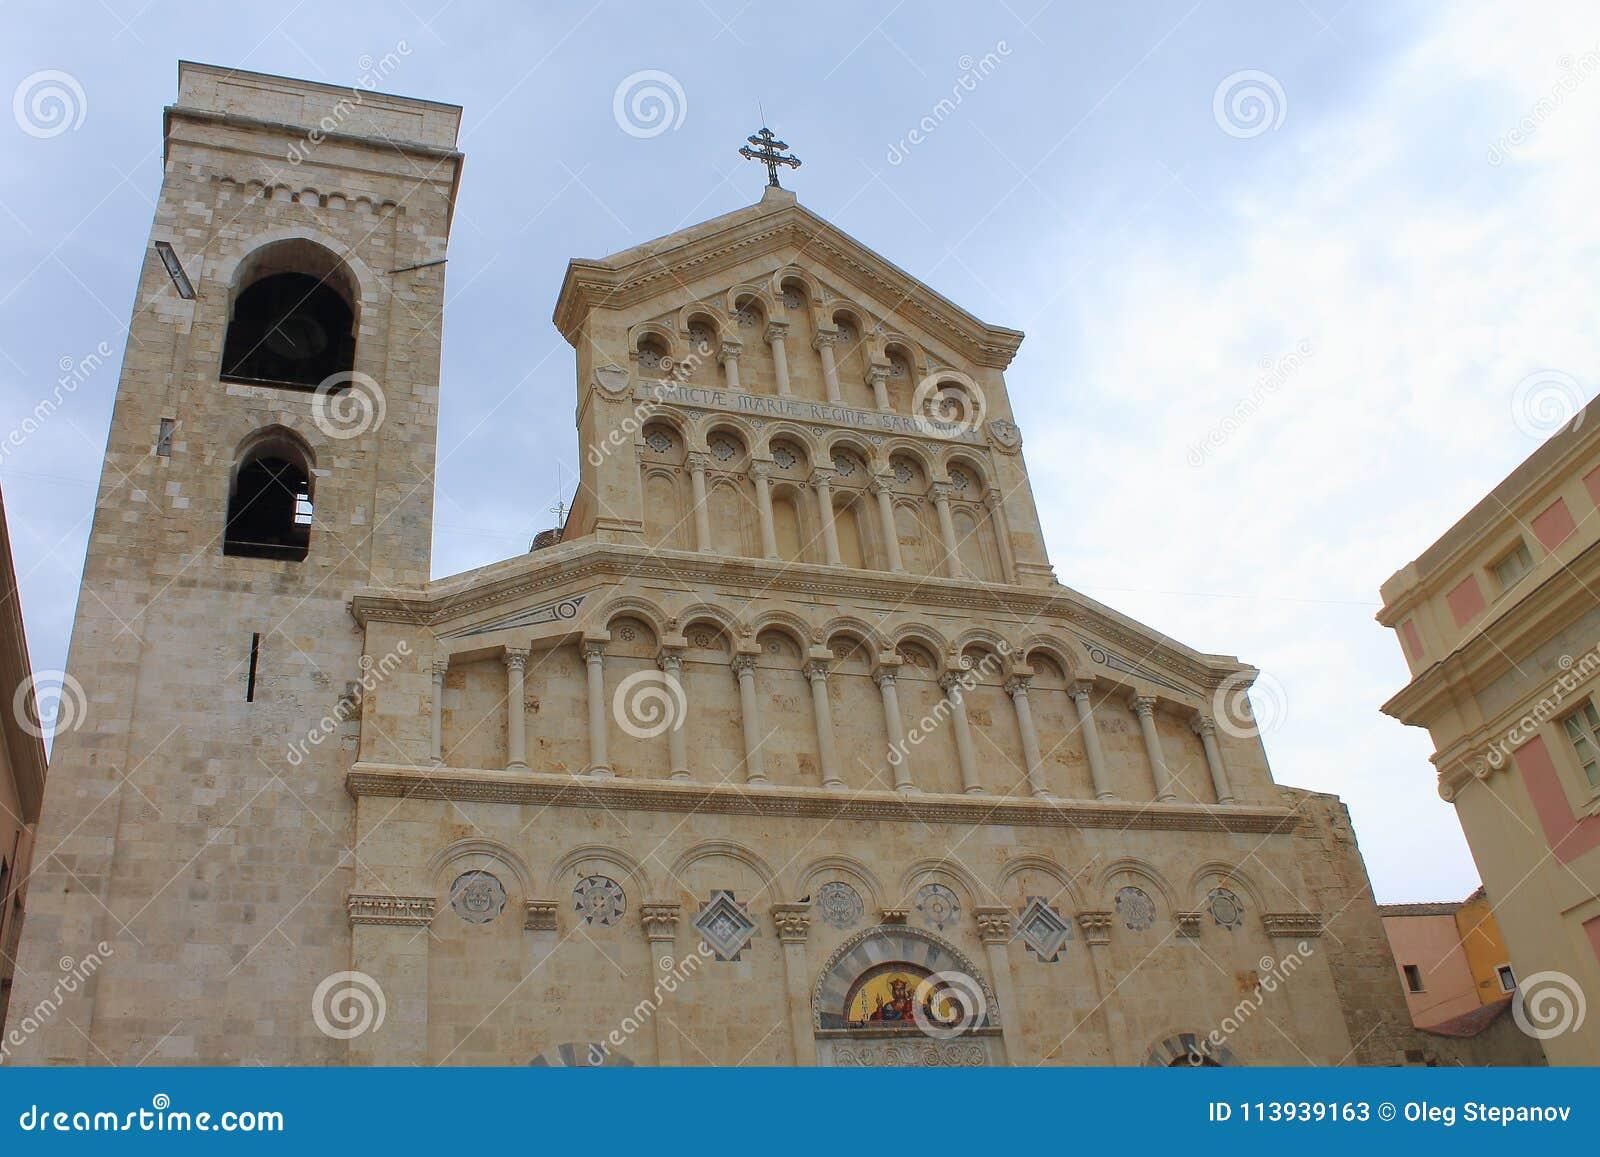 Ρωμαίος - καθολικός καθεδρικός ναός στο Κάλιαρι Σαρδηνία Ιταλία